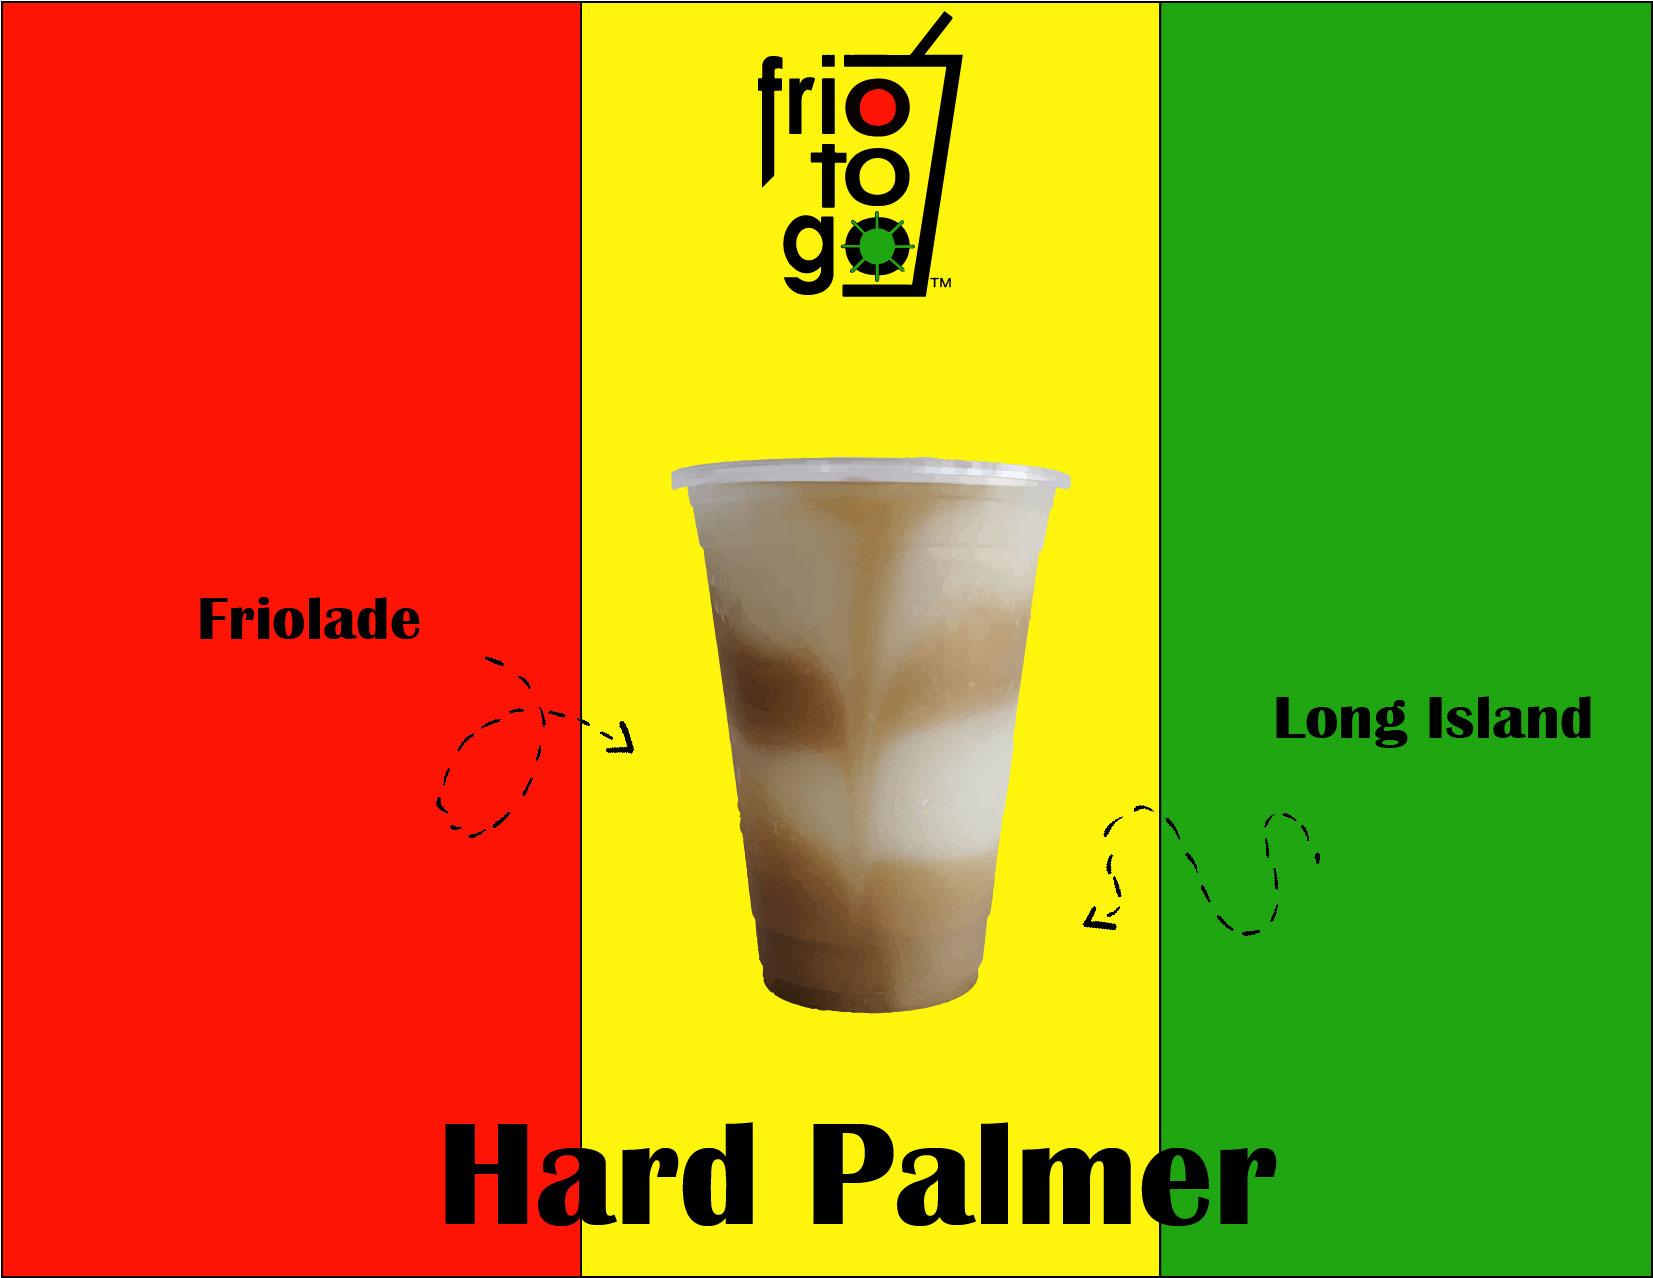 Hard Palmer